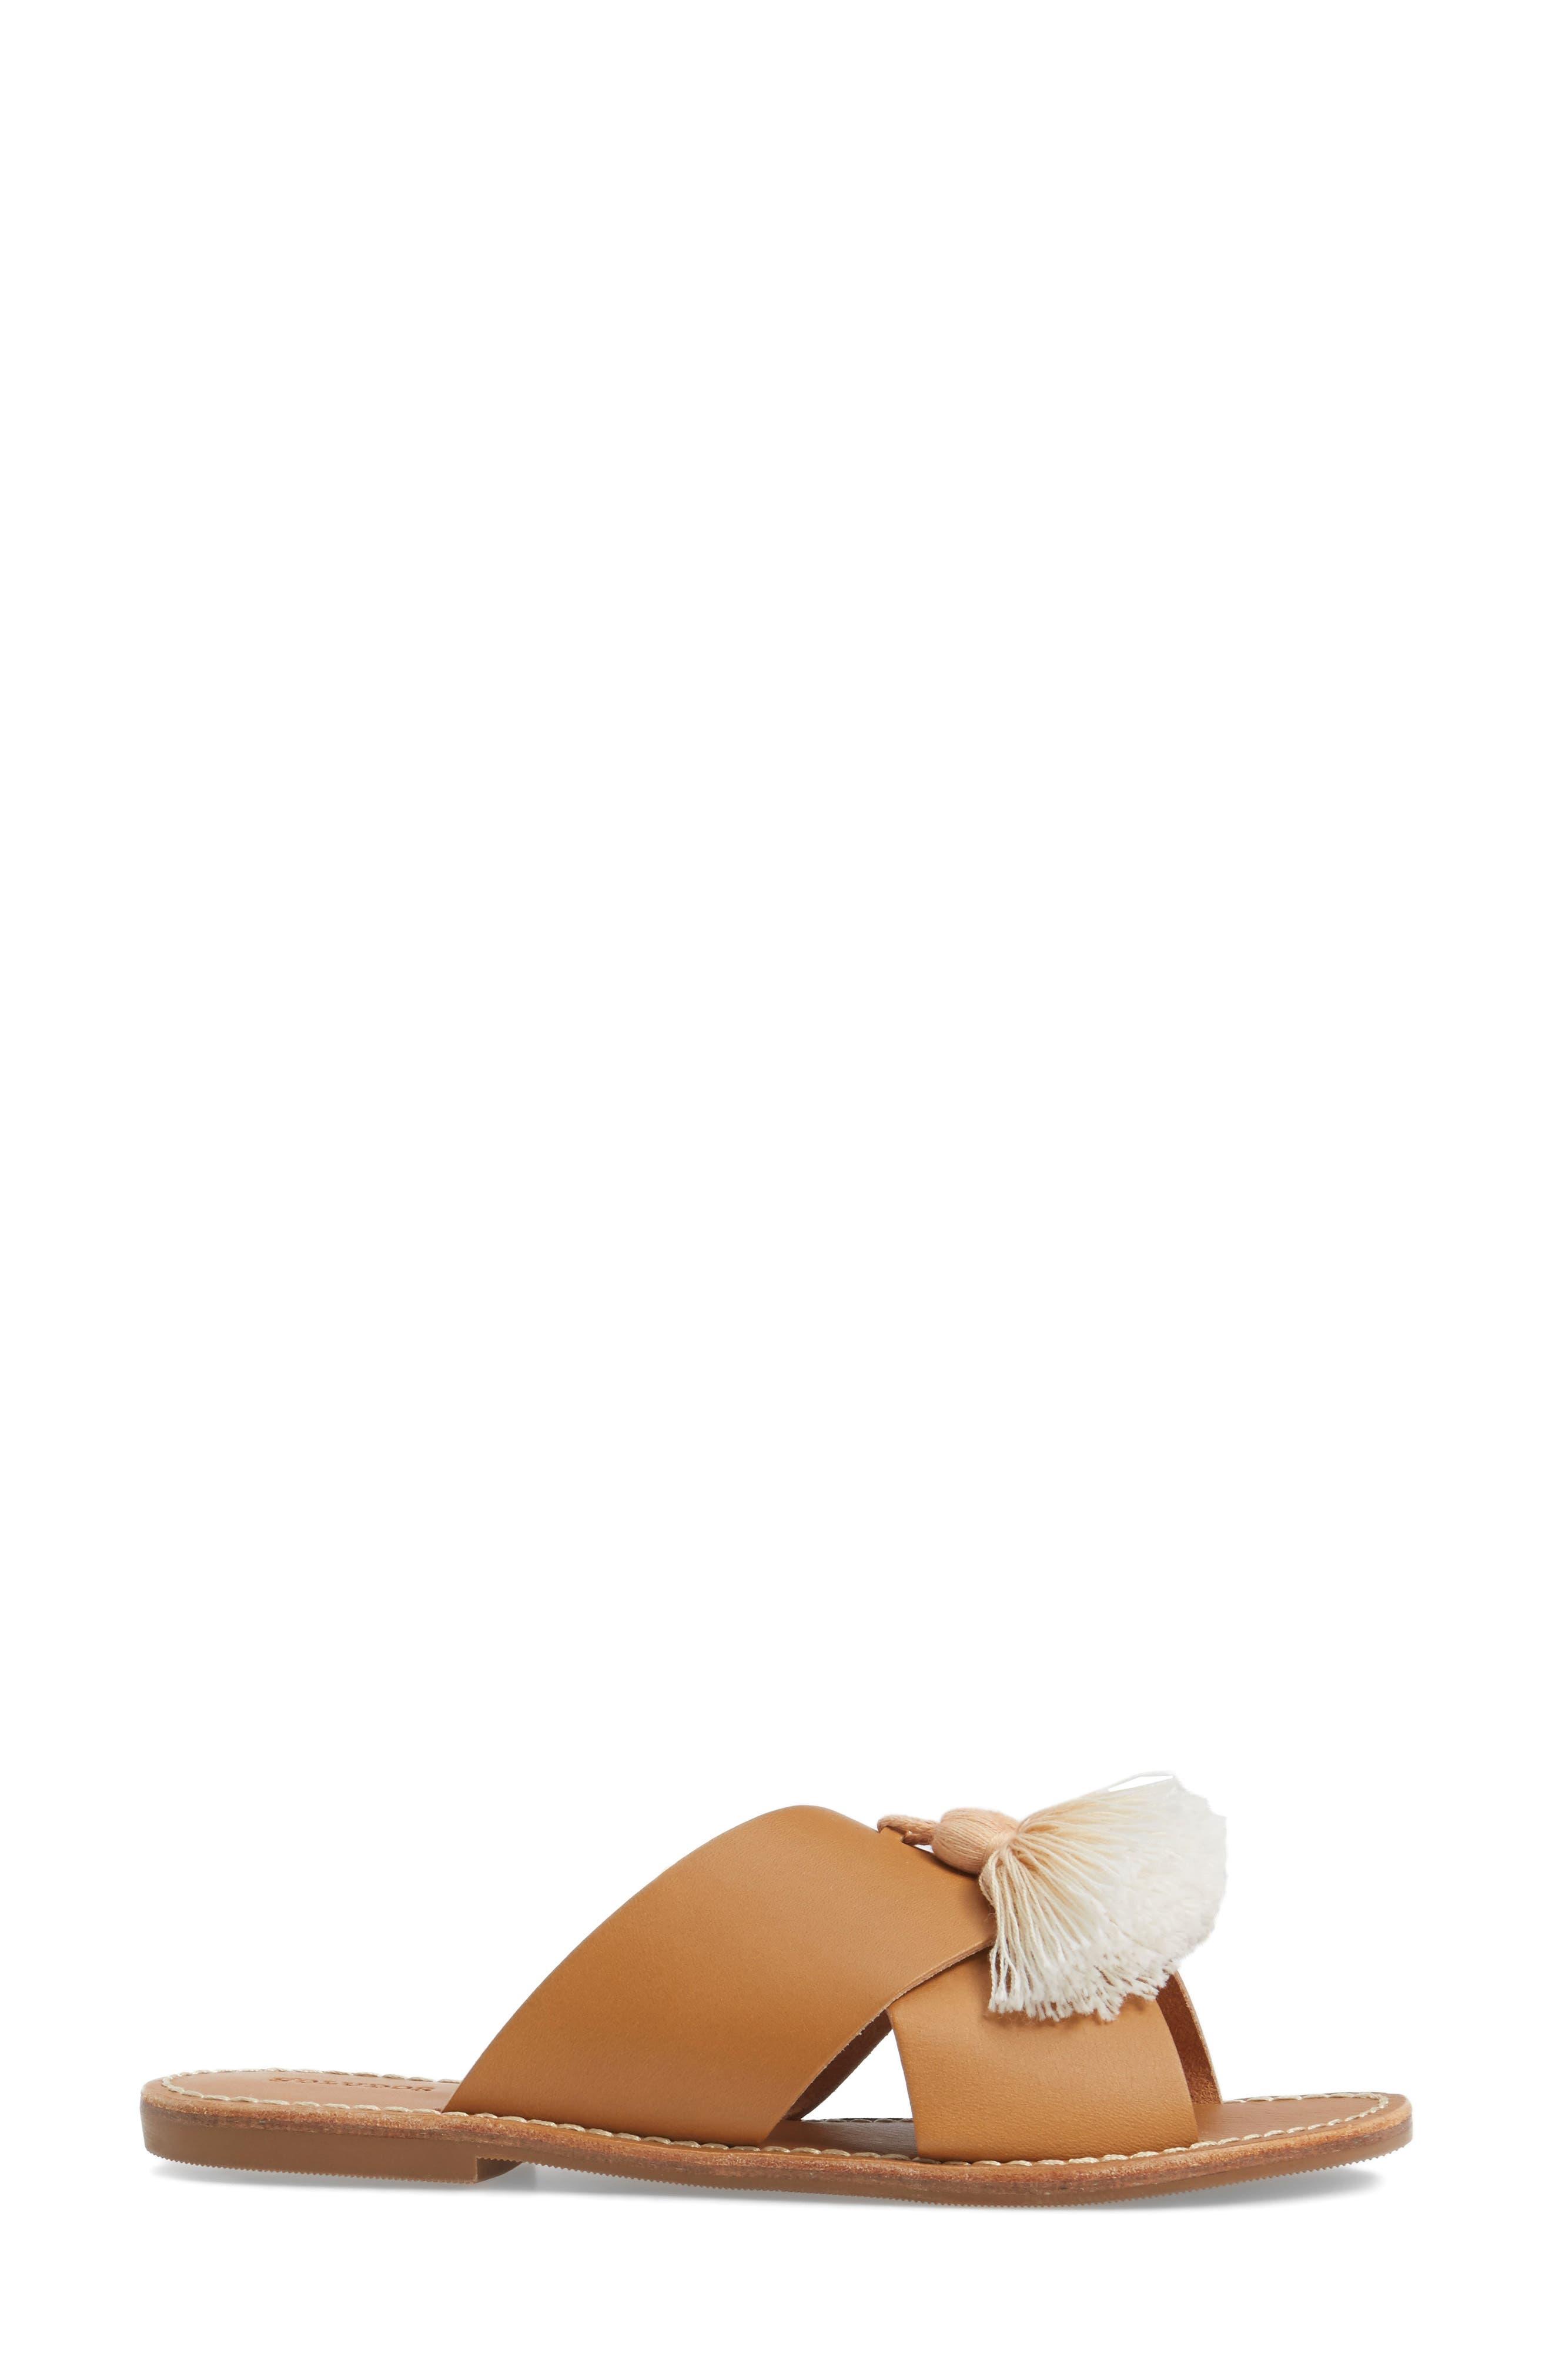 Tassel Slide Sandal,                             Alternate thumbnail 3, color,                             Brown Leather